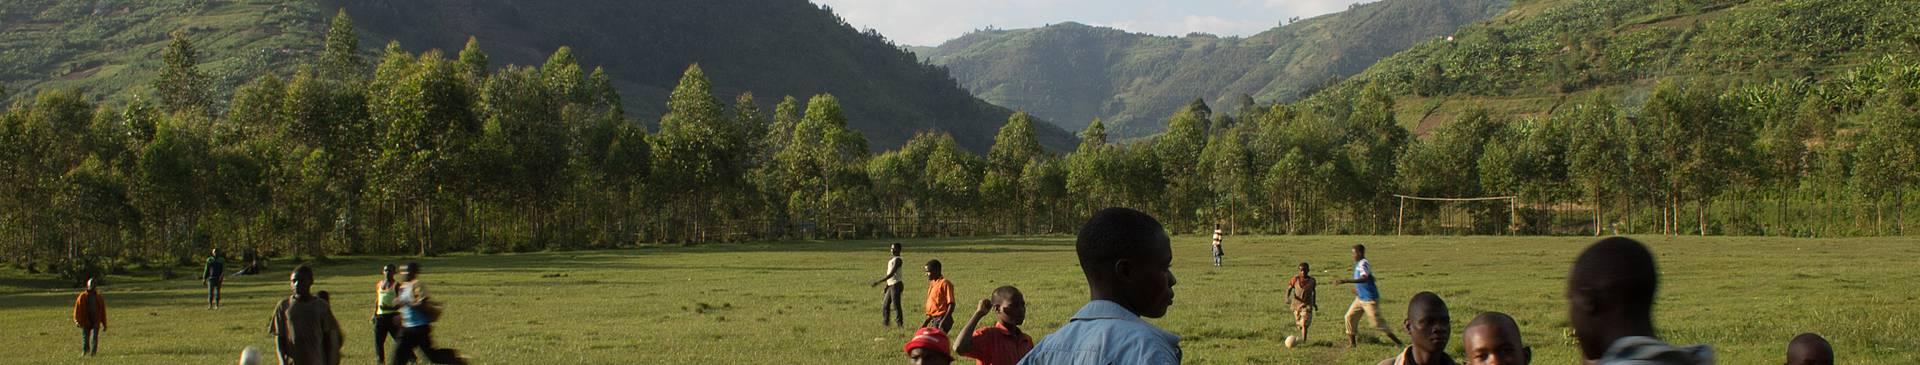 Rwanda in July